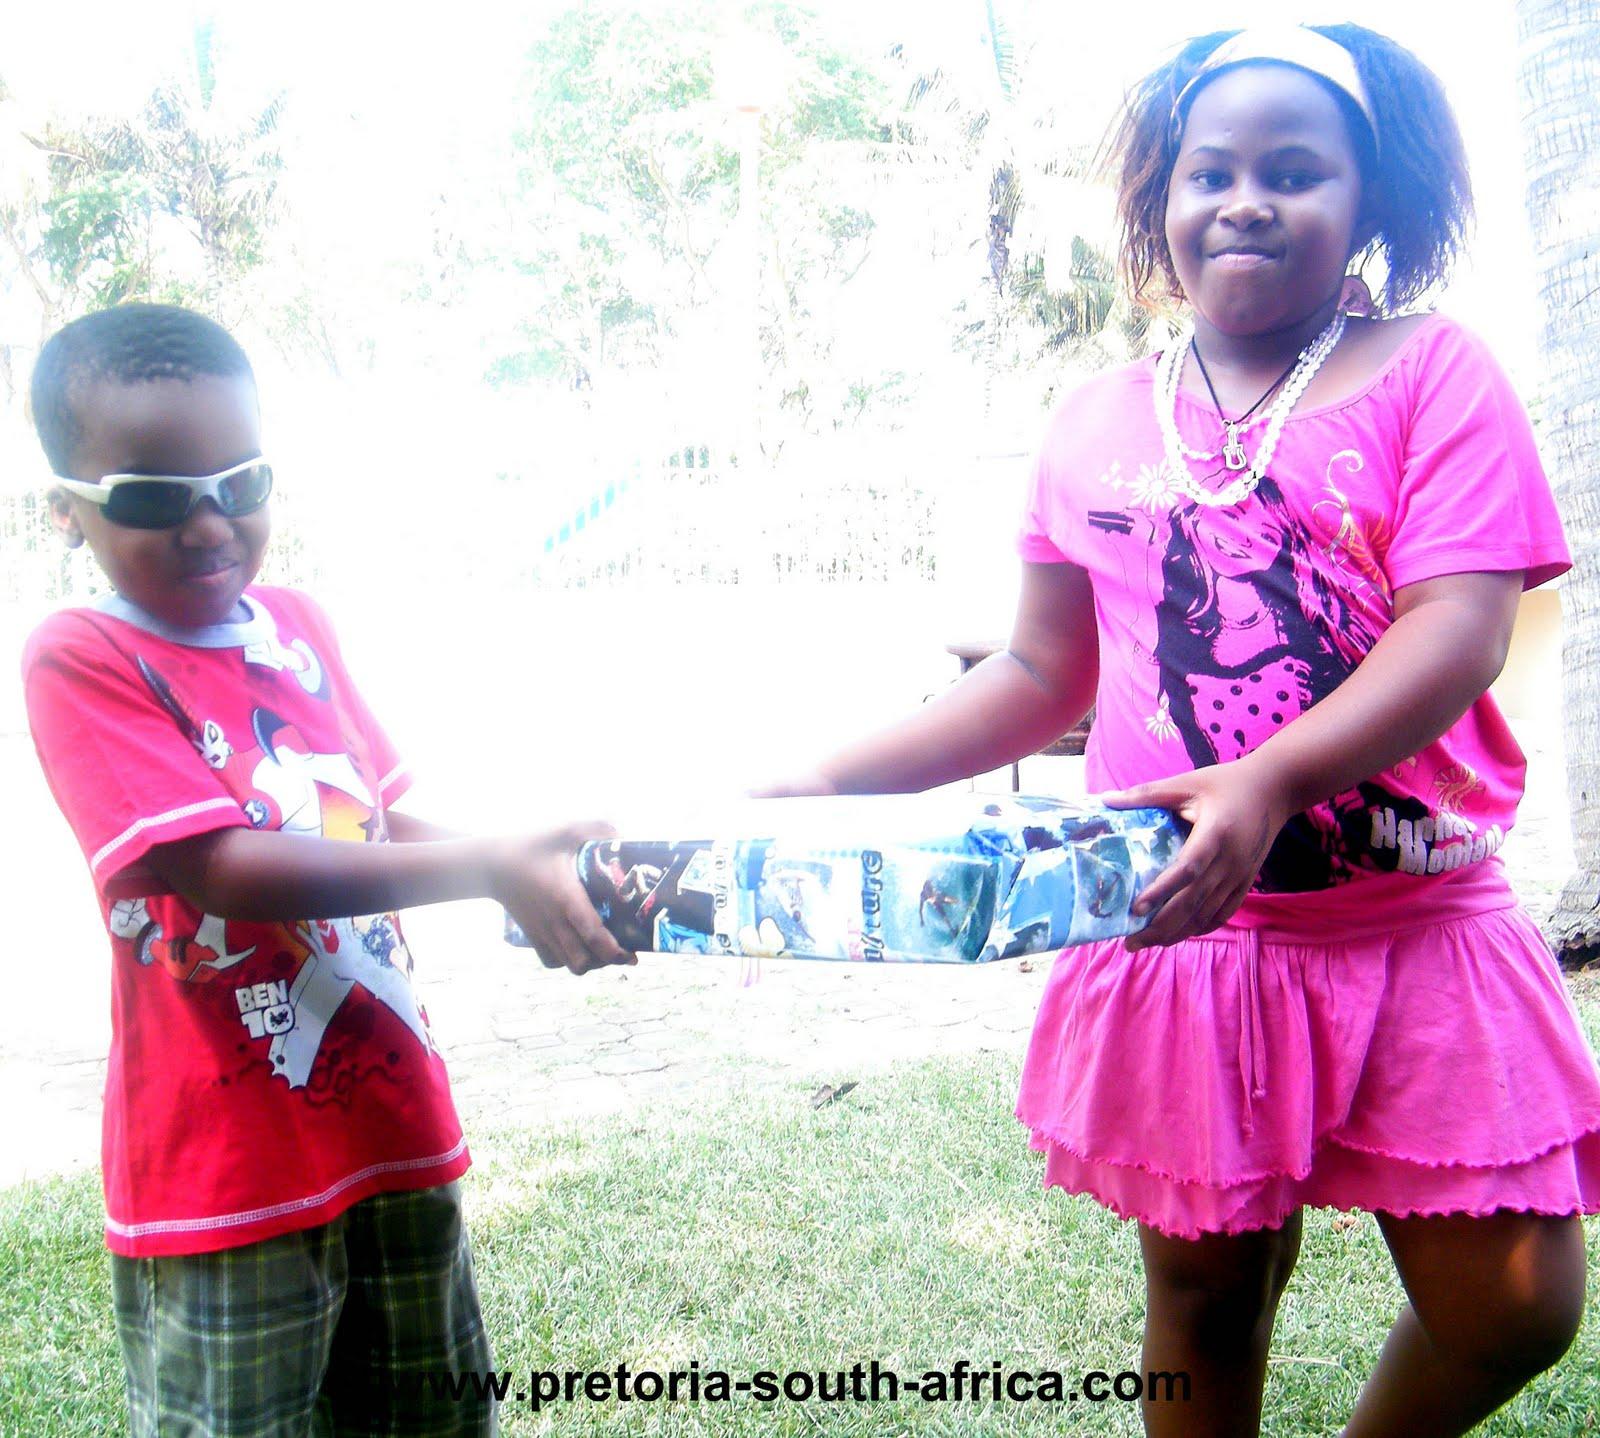 http://4.bp.blogspot.com/_7X4kIP-n1ZQ/S7A9Mnu7YLI/AAAAAAAAAII/YpV8wY_ydkU/s1600/birthday6.jpg